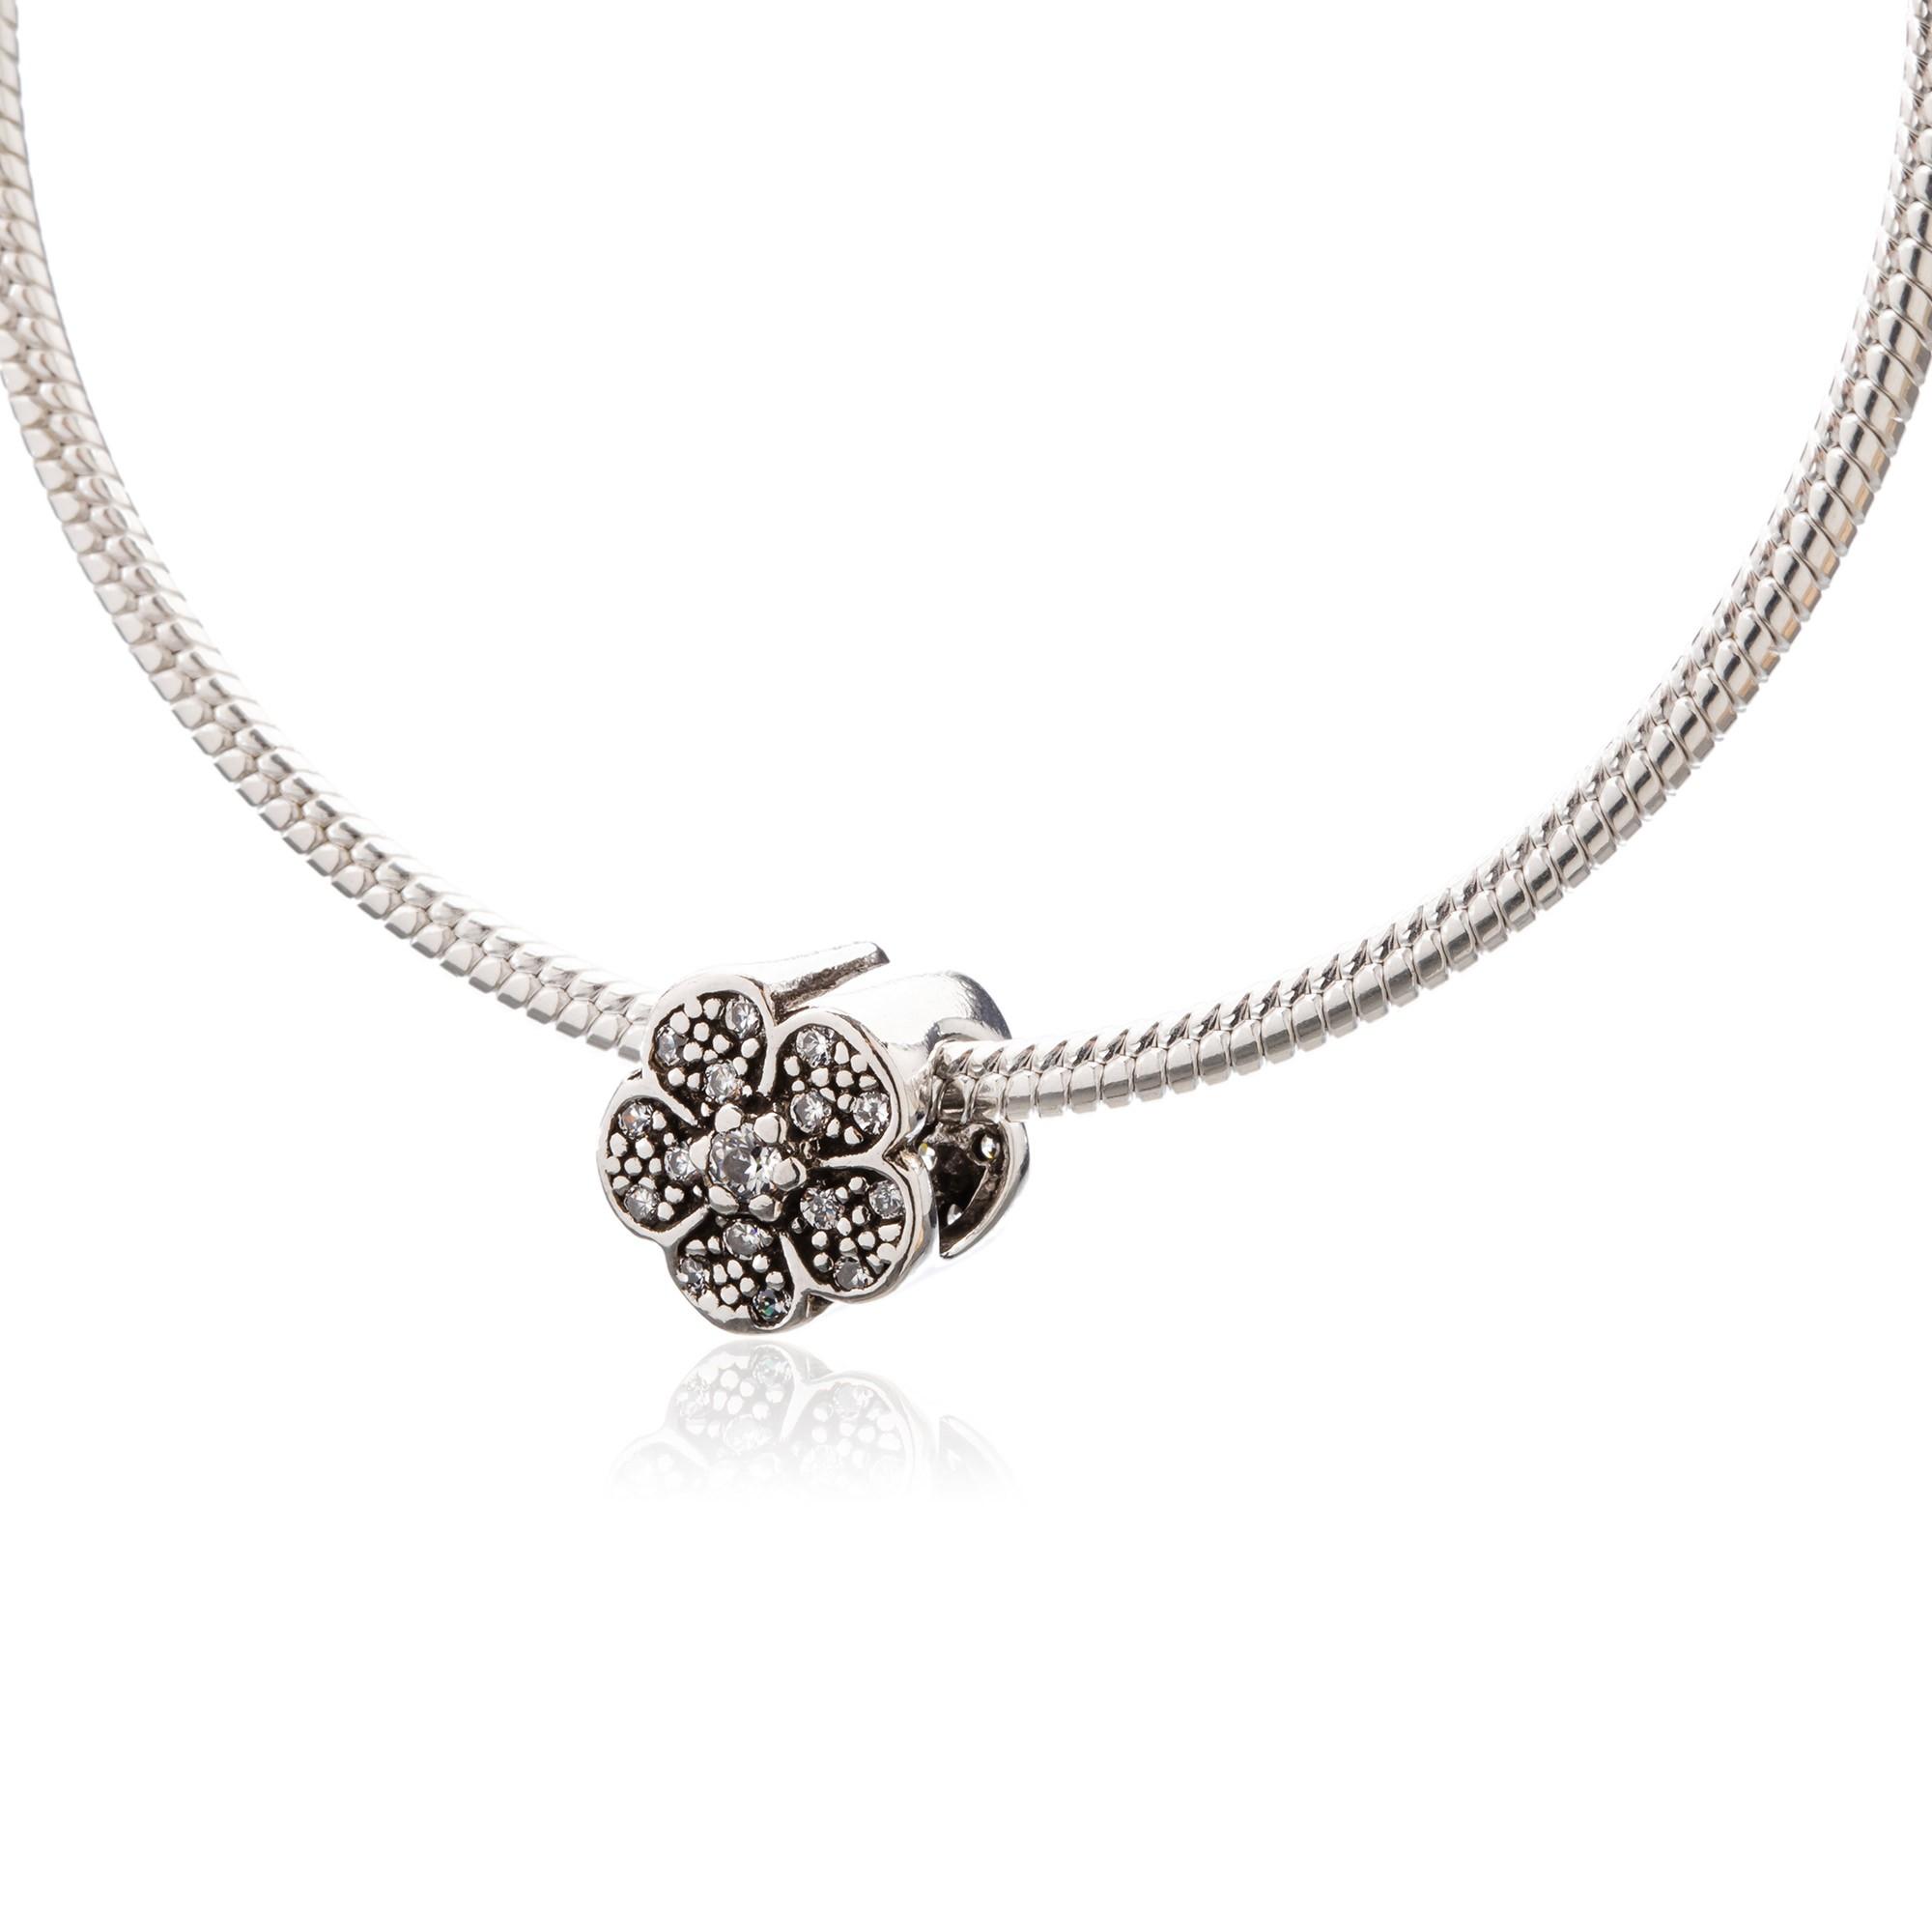 Berloque Flor com Zircônias em Prata 925